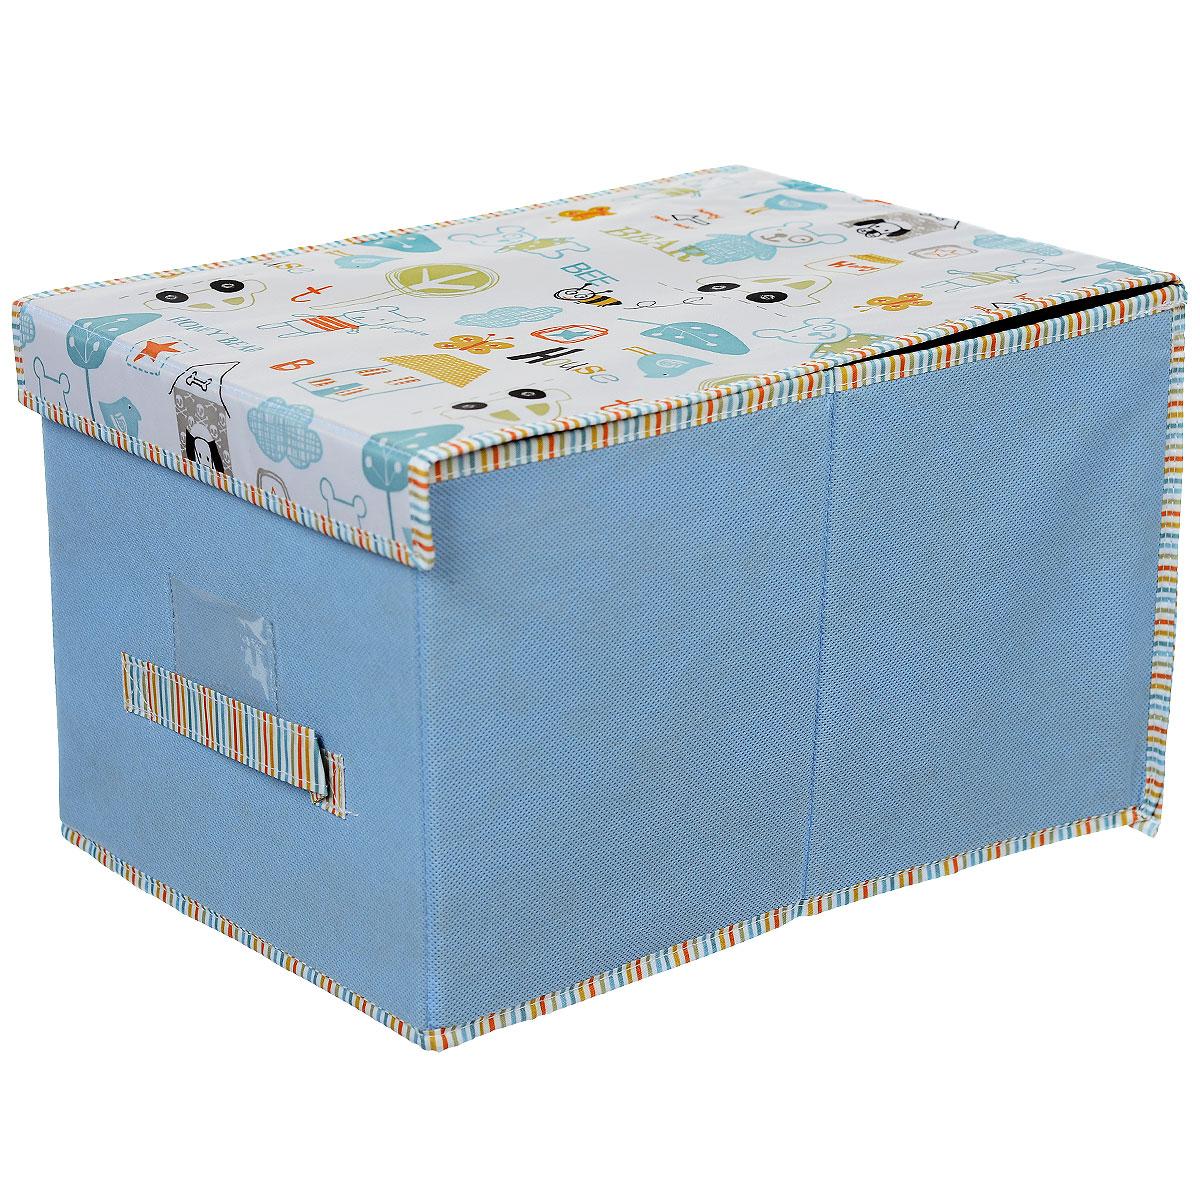 Чехол-коробка Cosatto Беби, цвет: голубой, 30 х 40 х 25 смCOVLSCBY12B голубойЧехол-коробка Cosatto Беби поможет легко и красиво организовать пространство в детской комнате. Изделие выполнено из полиэстера и нетканого материала, прочность каркаса обеспечивается наличием внутри плотных и толстых листов картона. Чехол-коробка закрывается крышкой на две липучки, что поможет защитить вещи от пыли и грязи. Сбоку имеется ручка. Такой чехол идеально подойдет для хранения игрушек и детских вещей. Привлекательный дизайн изделия привлечет внимание ребенка и вызовет у него желание самостоятельно убирать игрушки. Складная конструкция обеспечивает компактное хранение.